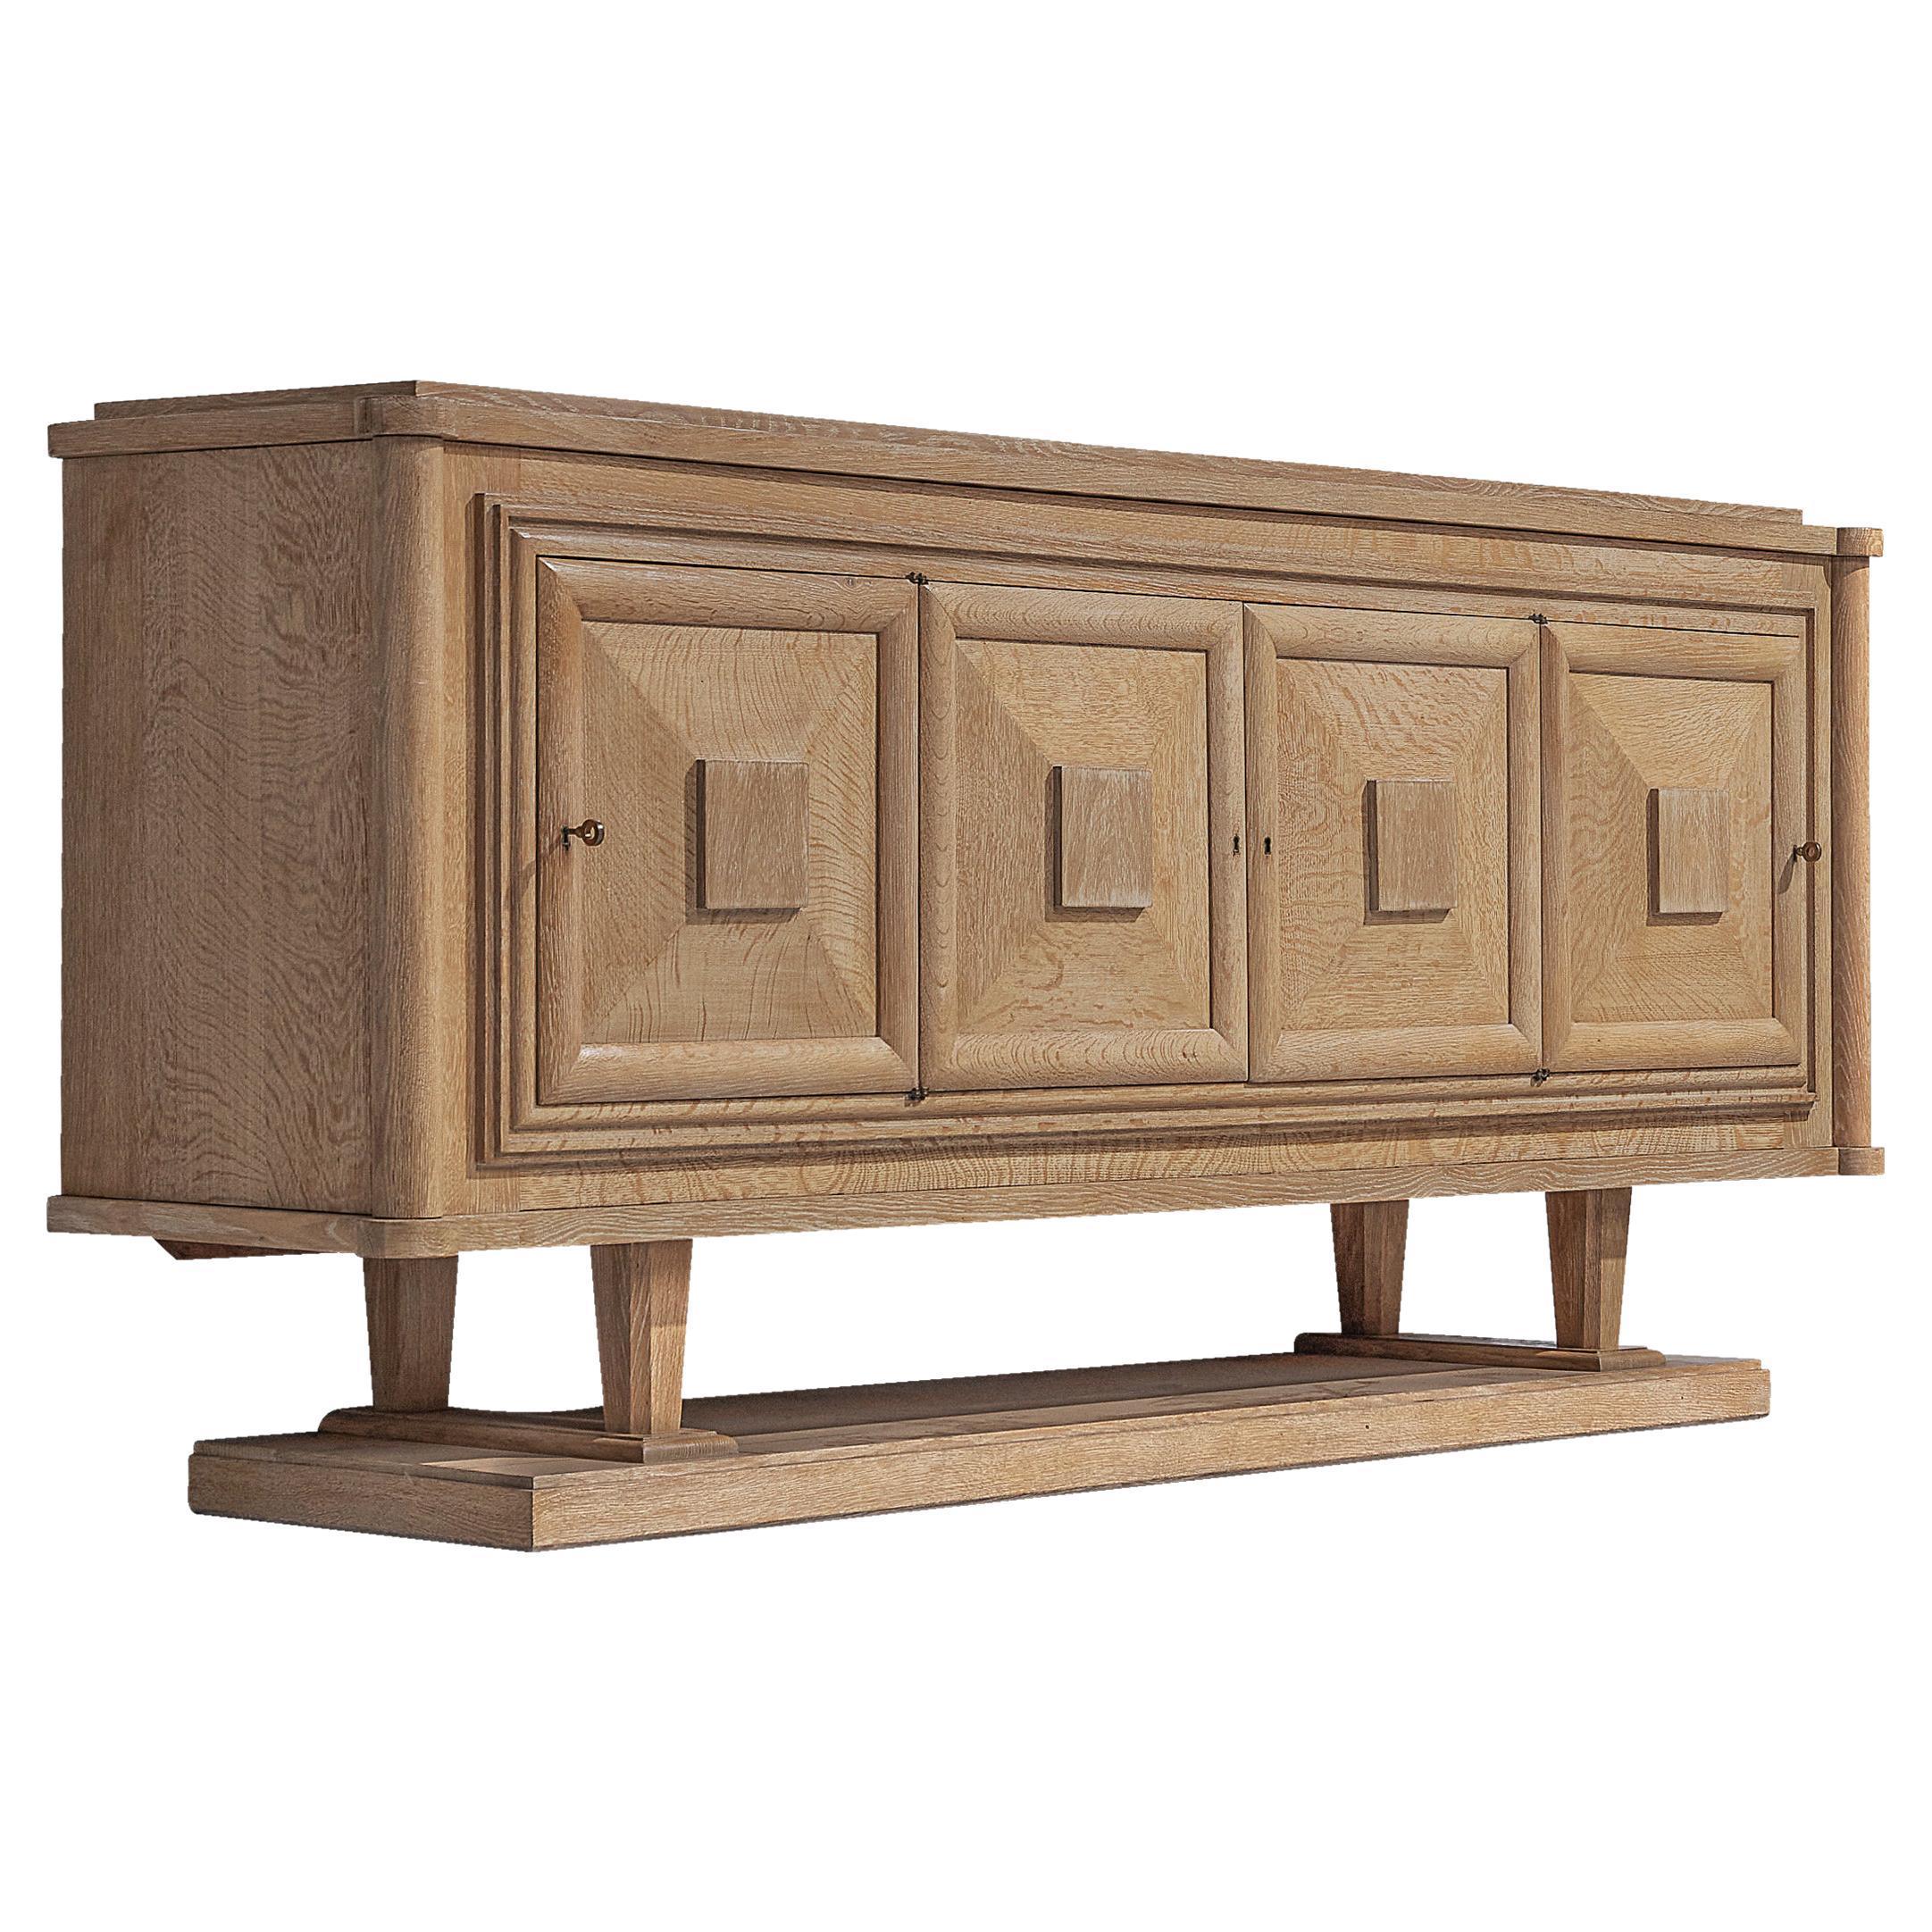 Large French Art Deco Sideboard in Oak